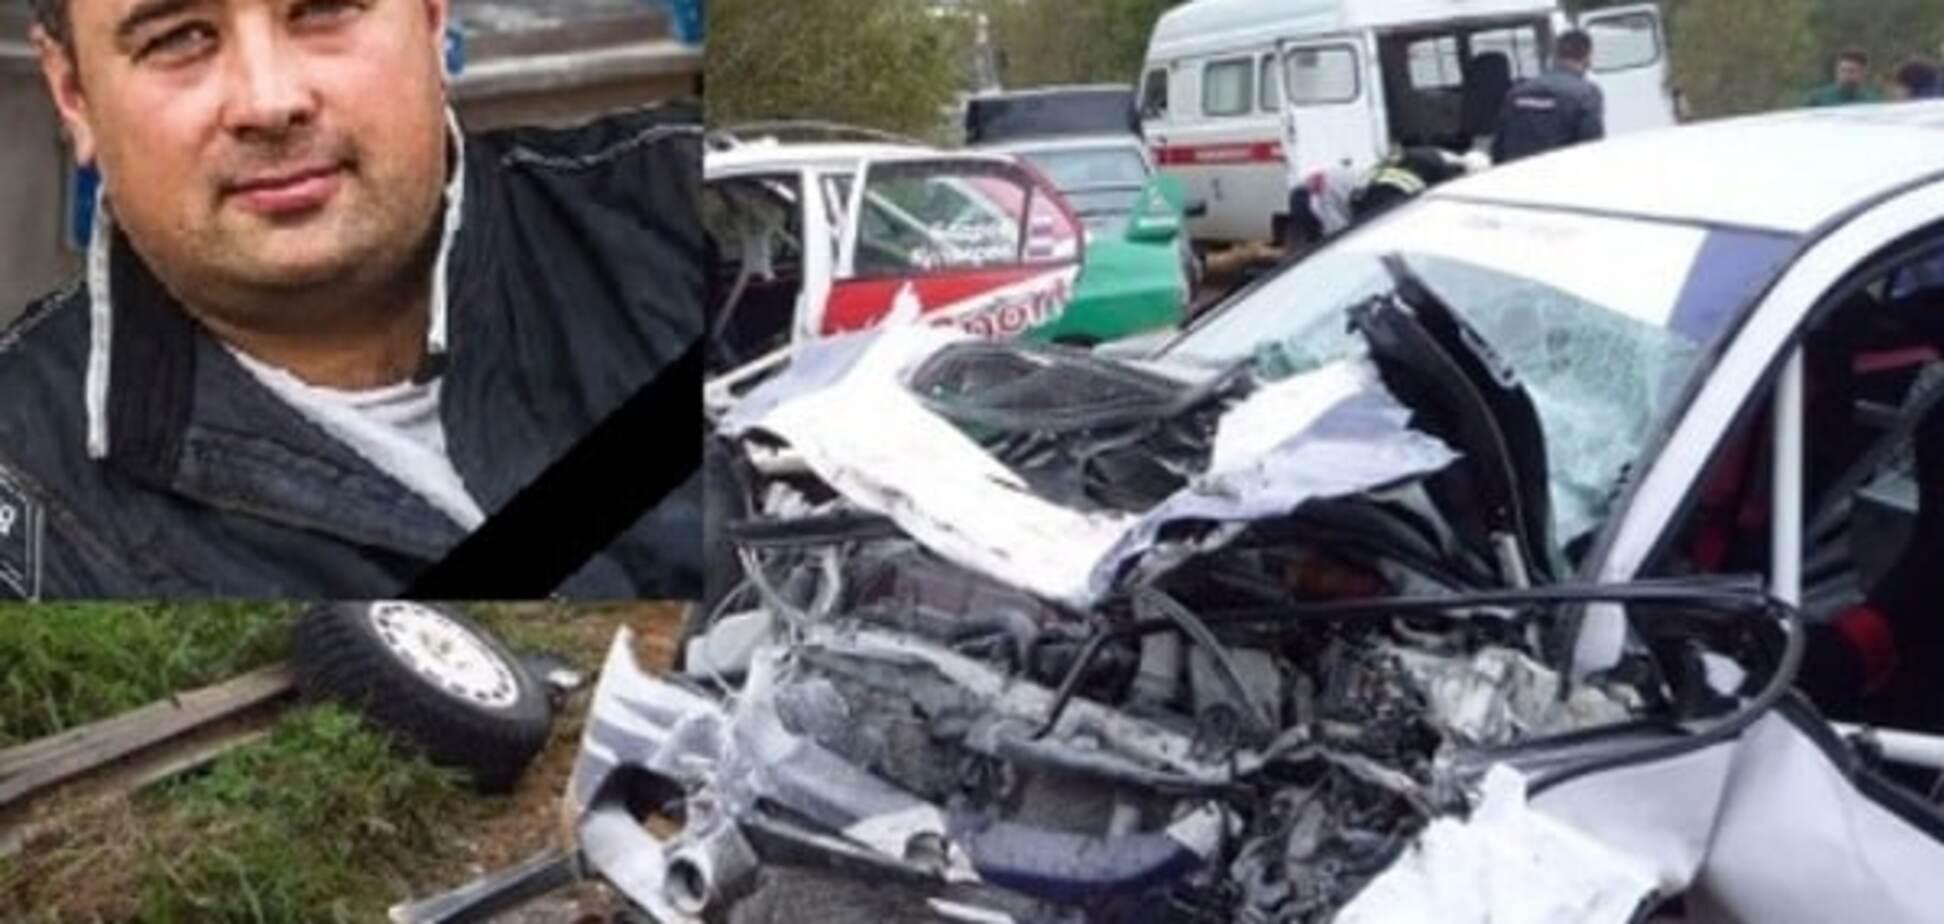 Чемпион России по ралли погиб, тестируя новый автомобиль